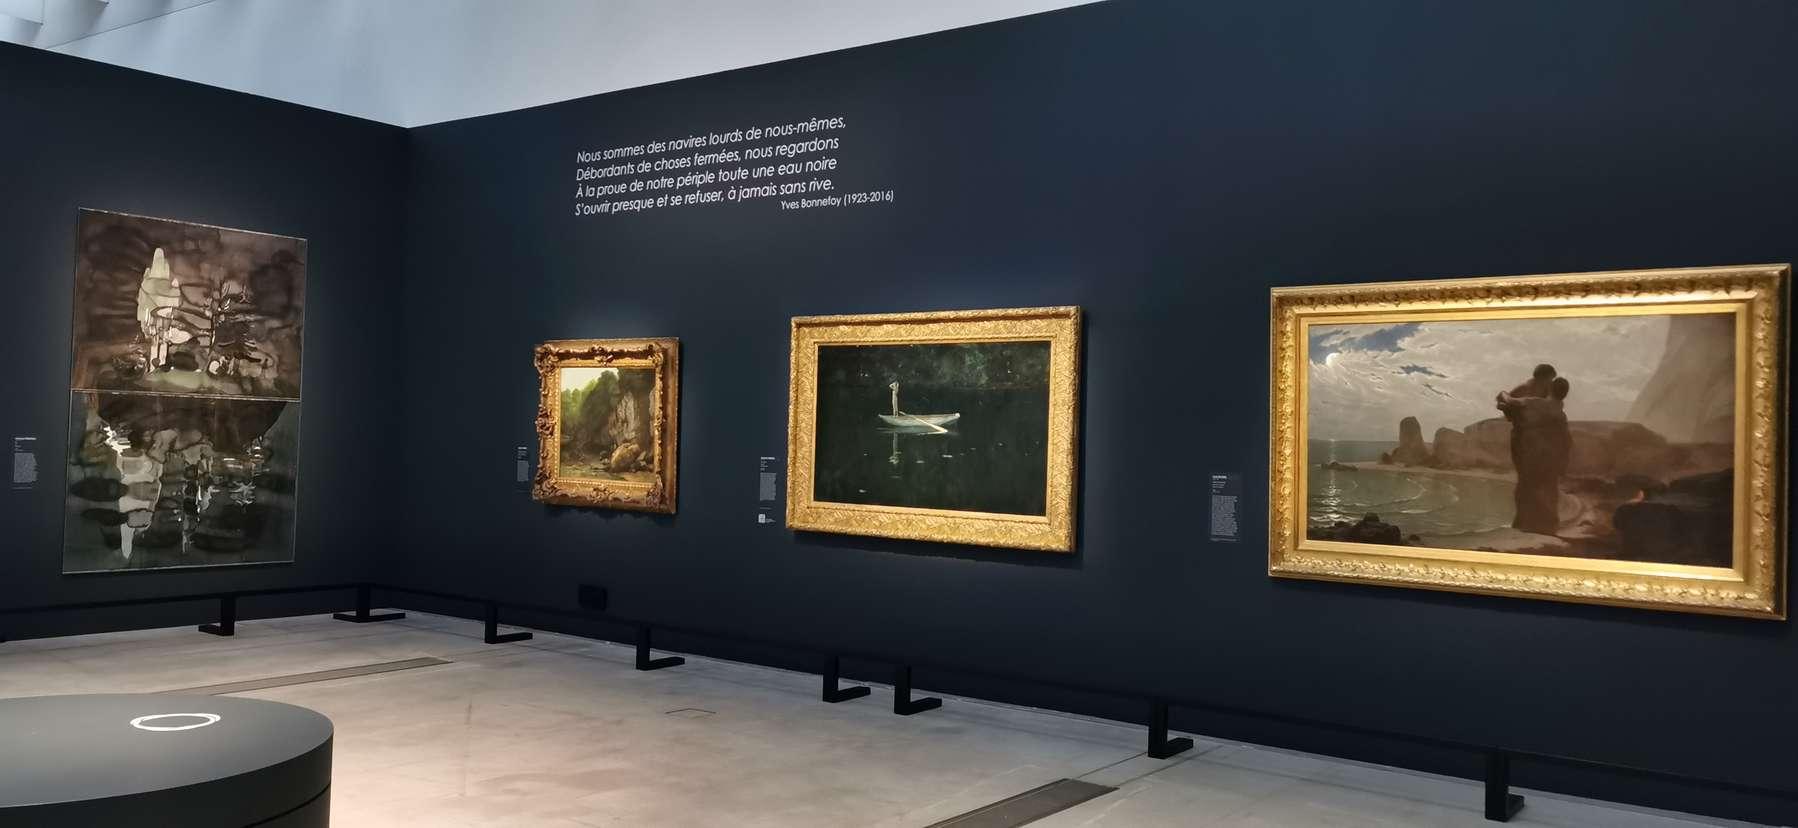 Françoise Pétrovitch, Île, 2019 Soleils noirs, Louvre-Lens, Lens (FR) 10 juin 2020 - 25 janvier 2021 © Antoine Olech